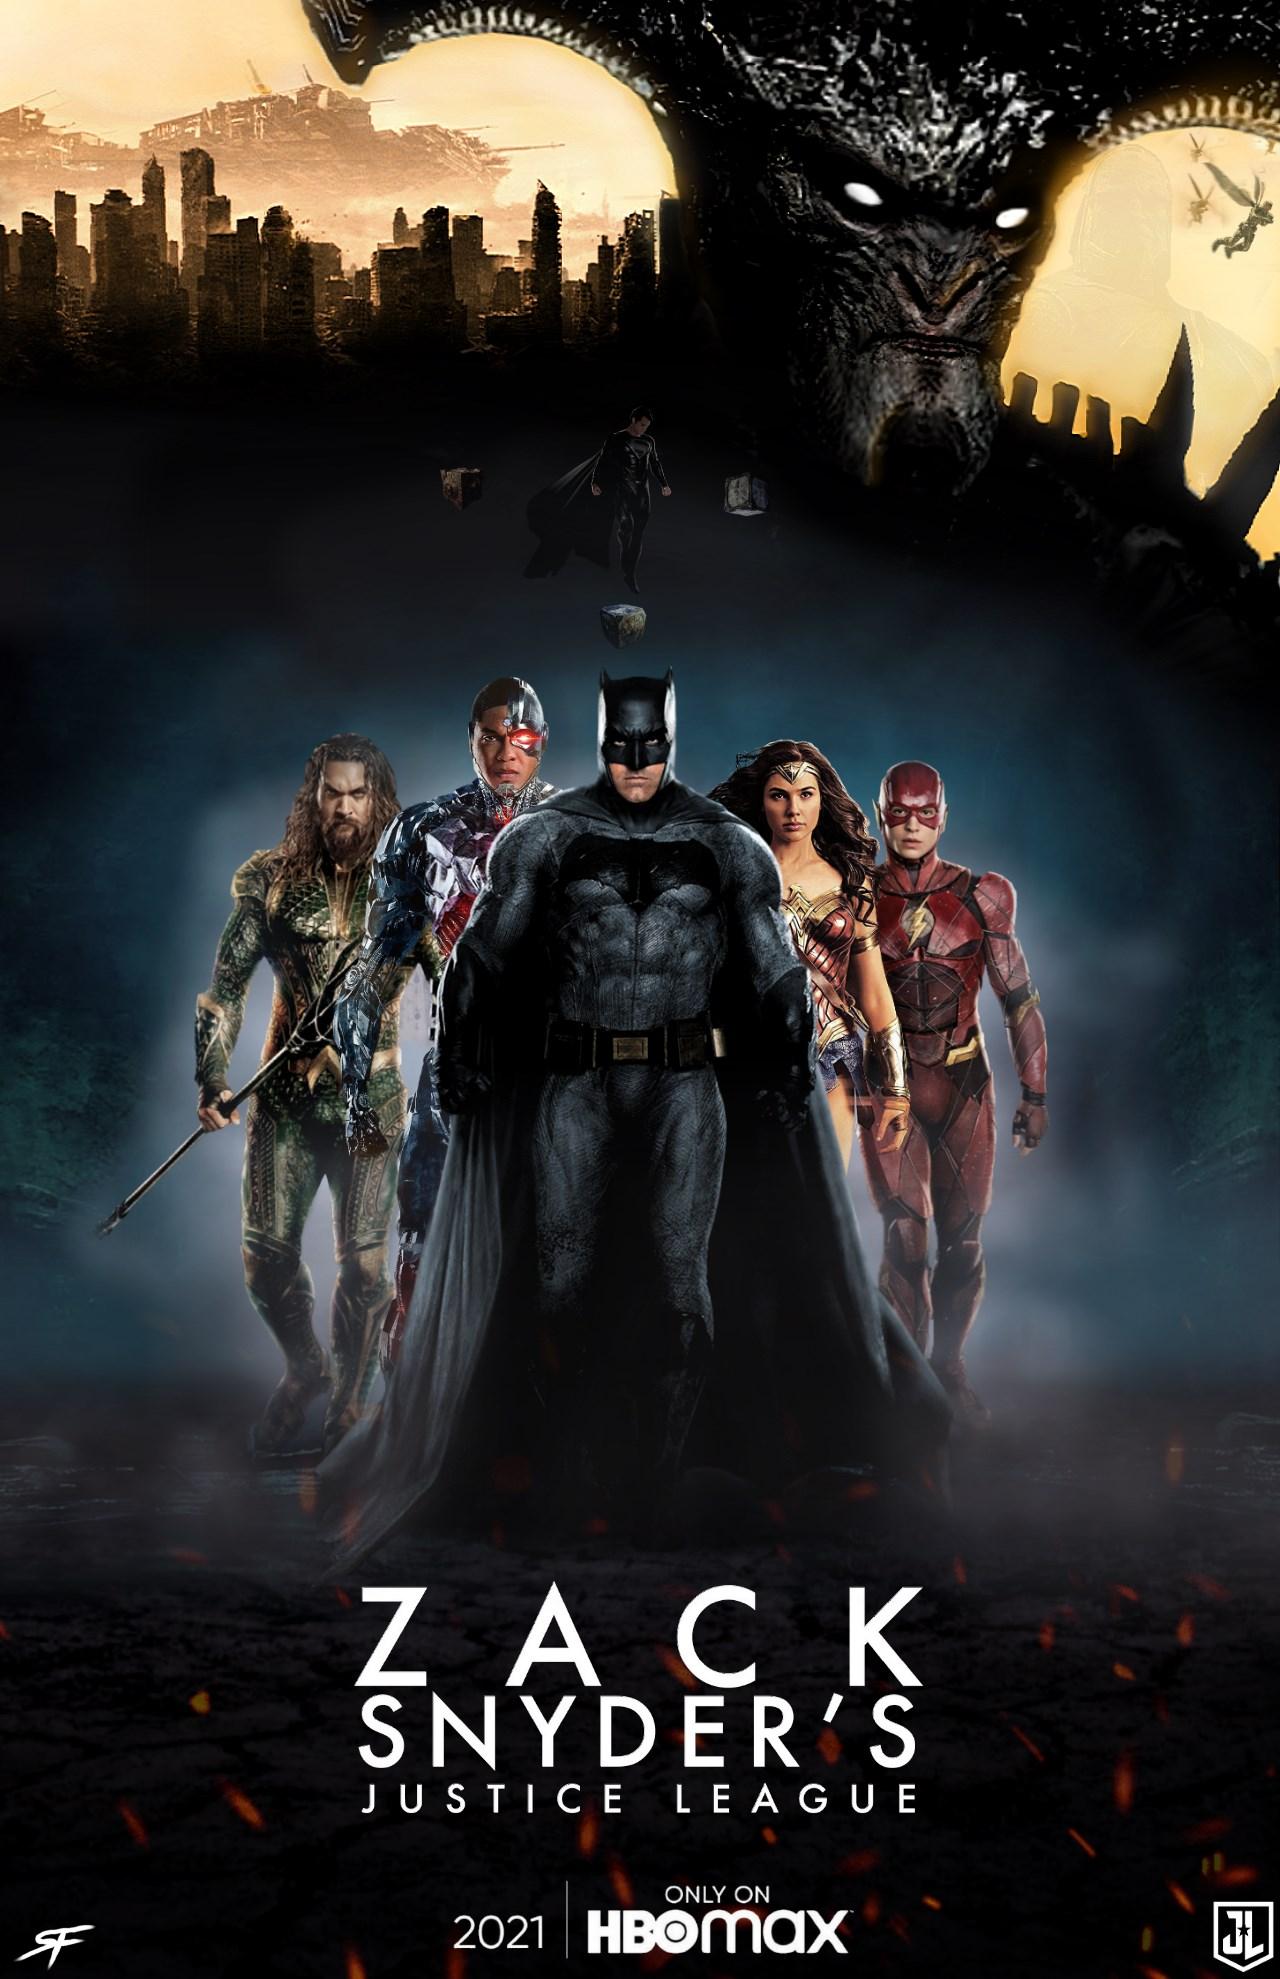 Liên Minh Công Lý Phiên bản của Zack Snyder - Zack Snyders Justice League (2021) (2021)